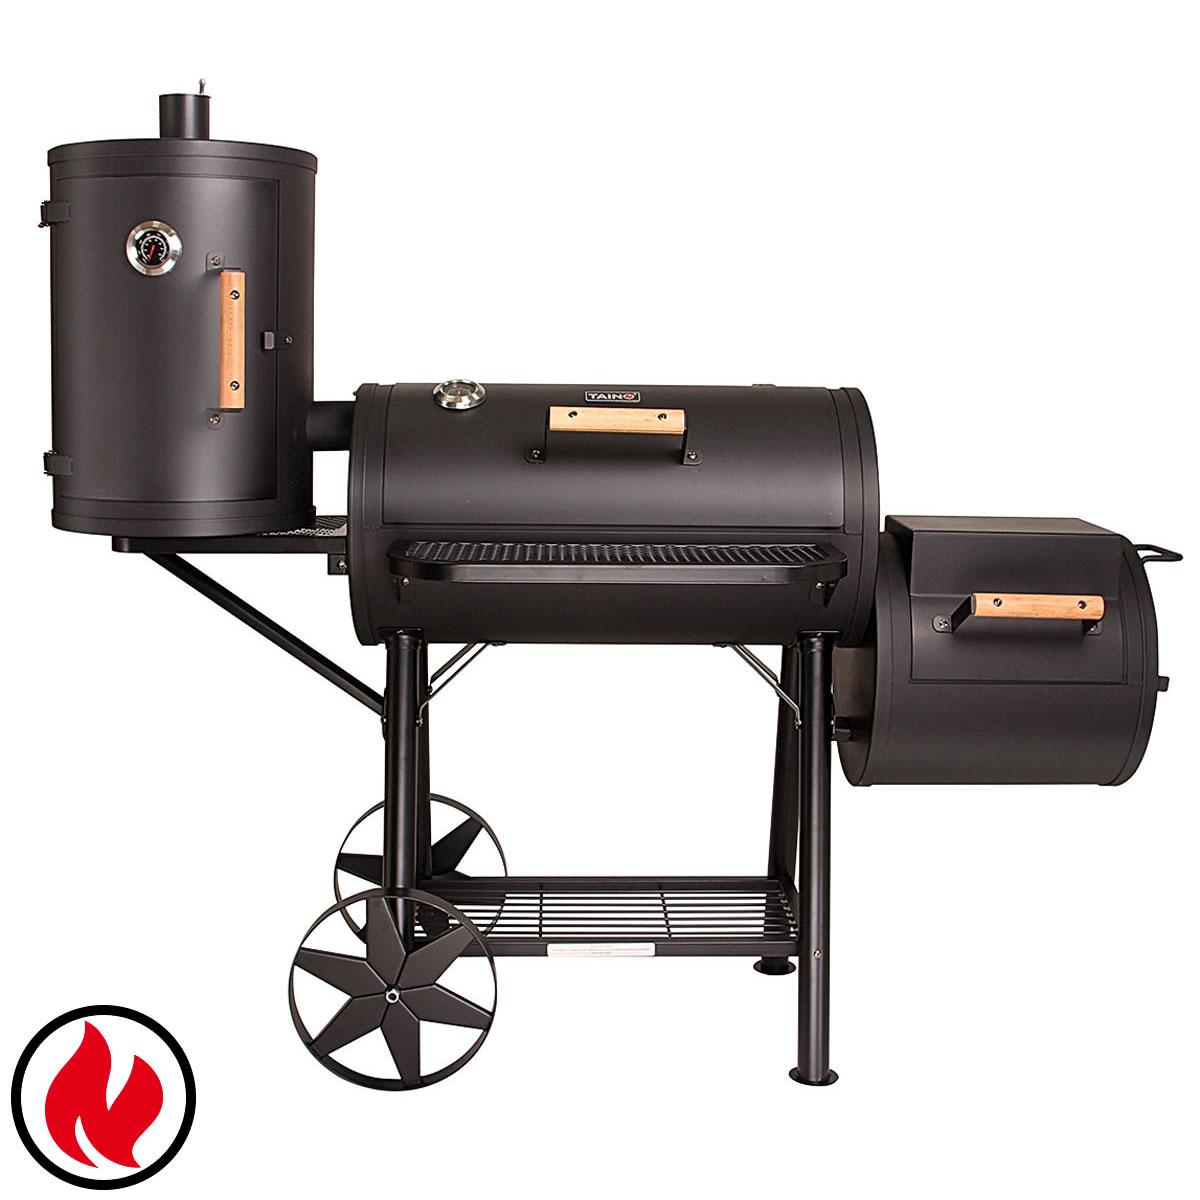 93430 TAINO YUMA PRO 110 kg Smoker